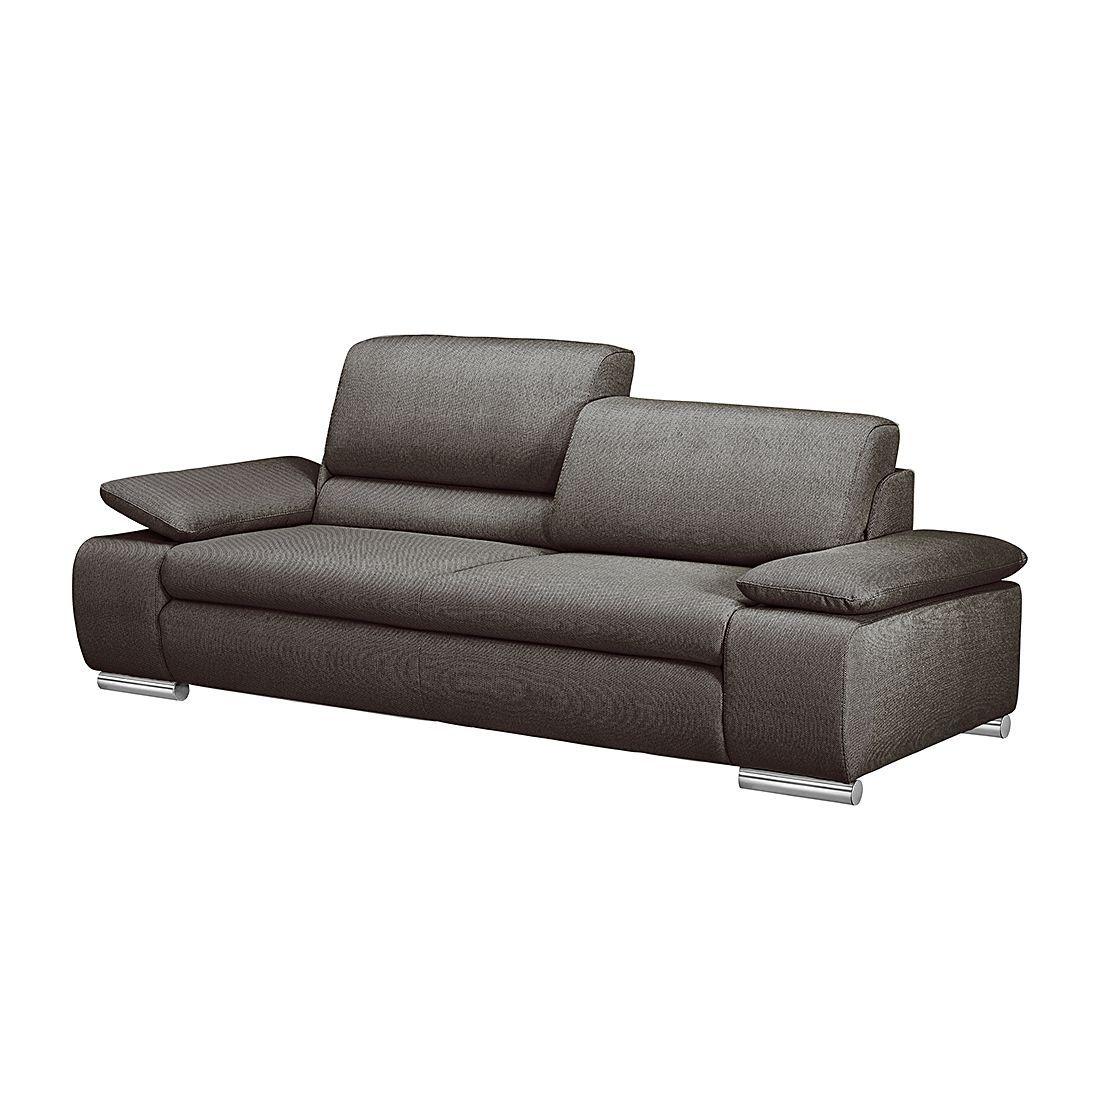 Sofa Masca 3 Sitzer Strukturstoff Grau Braun Loftscape Jetzt Bestellen Unter Https Moebel Ladendirekt De Wohnzimm Moderne Couch Sofa Relaxsessel Modern